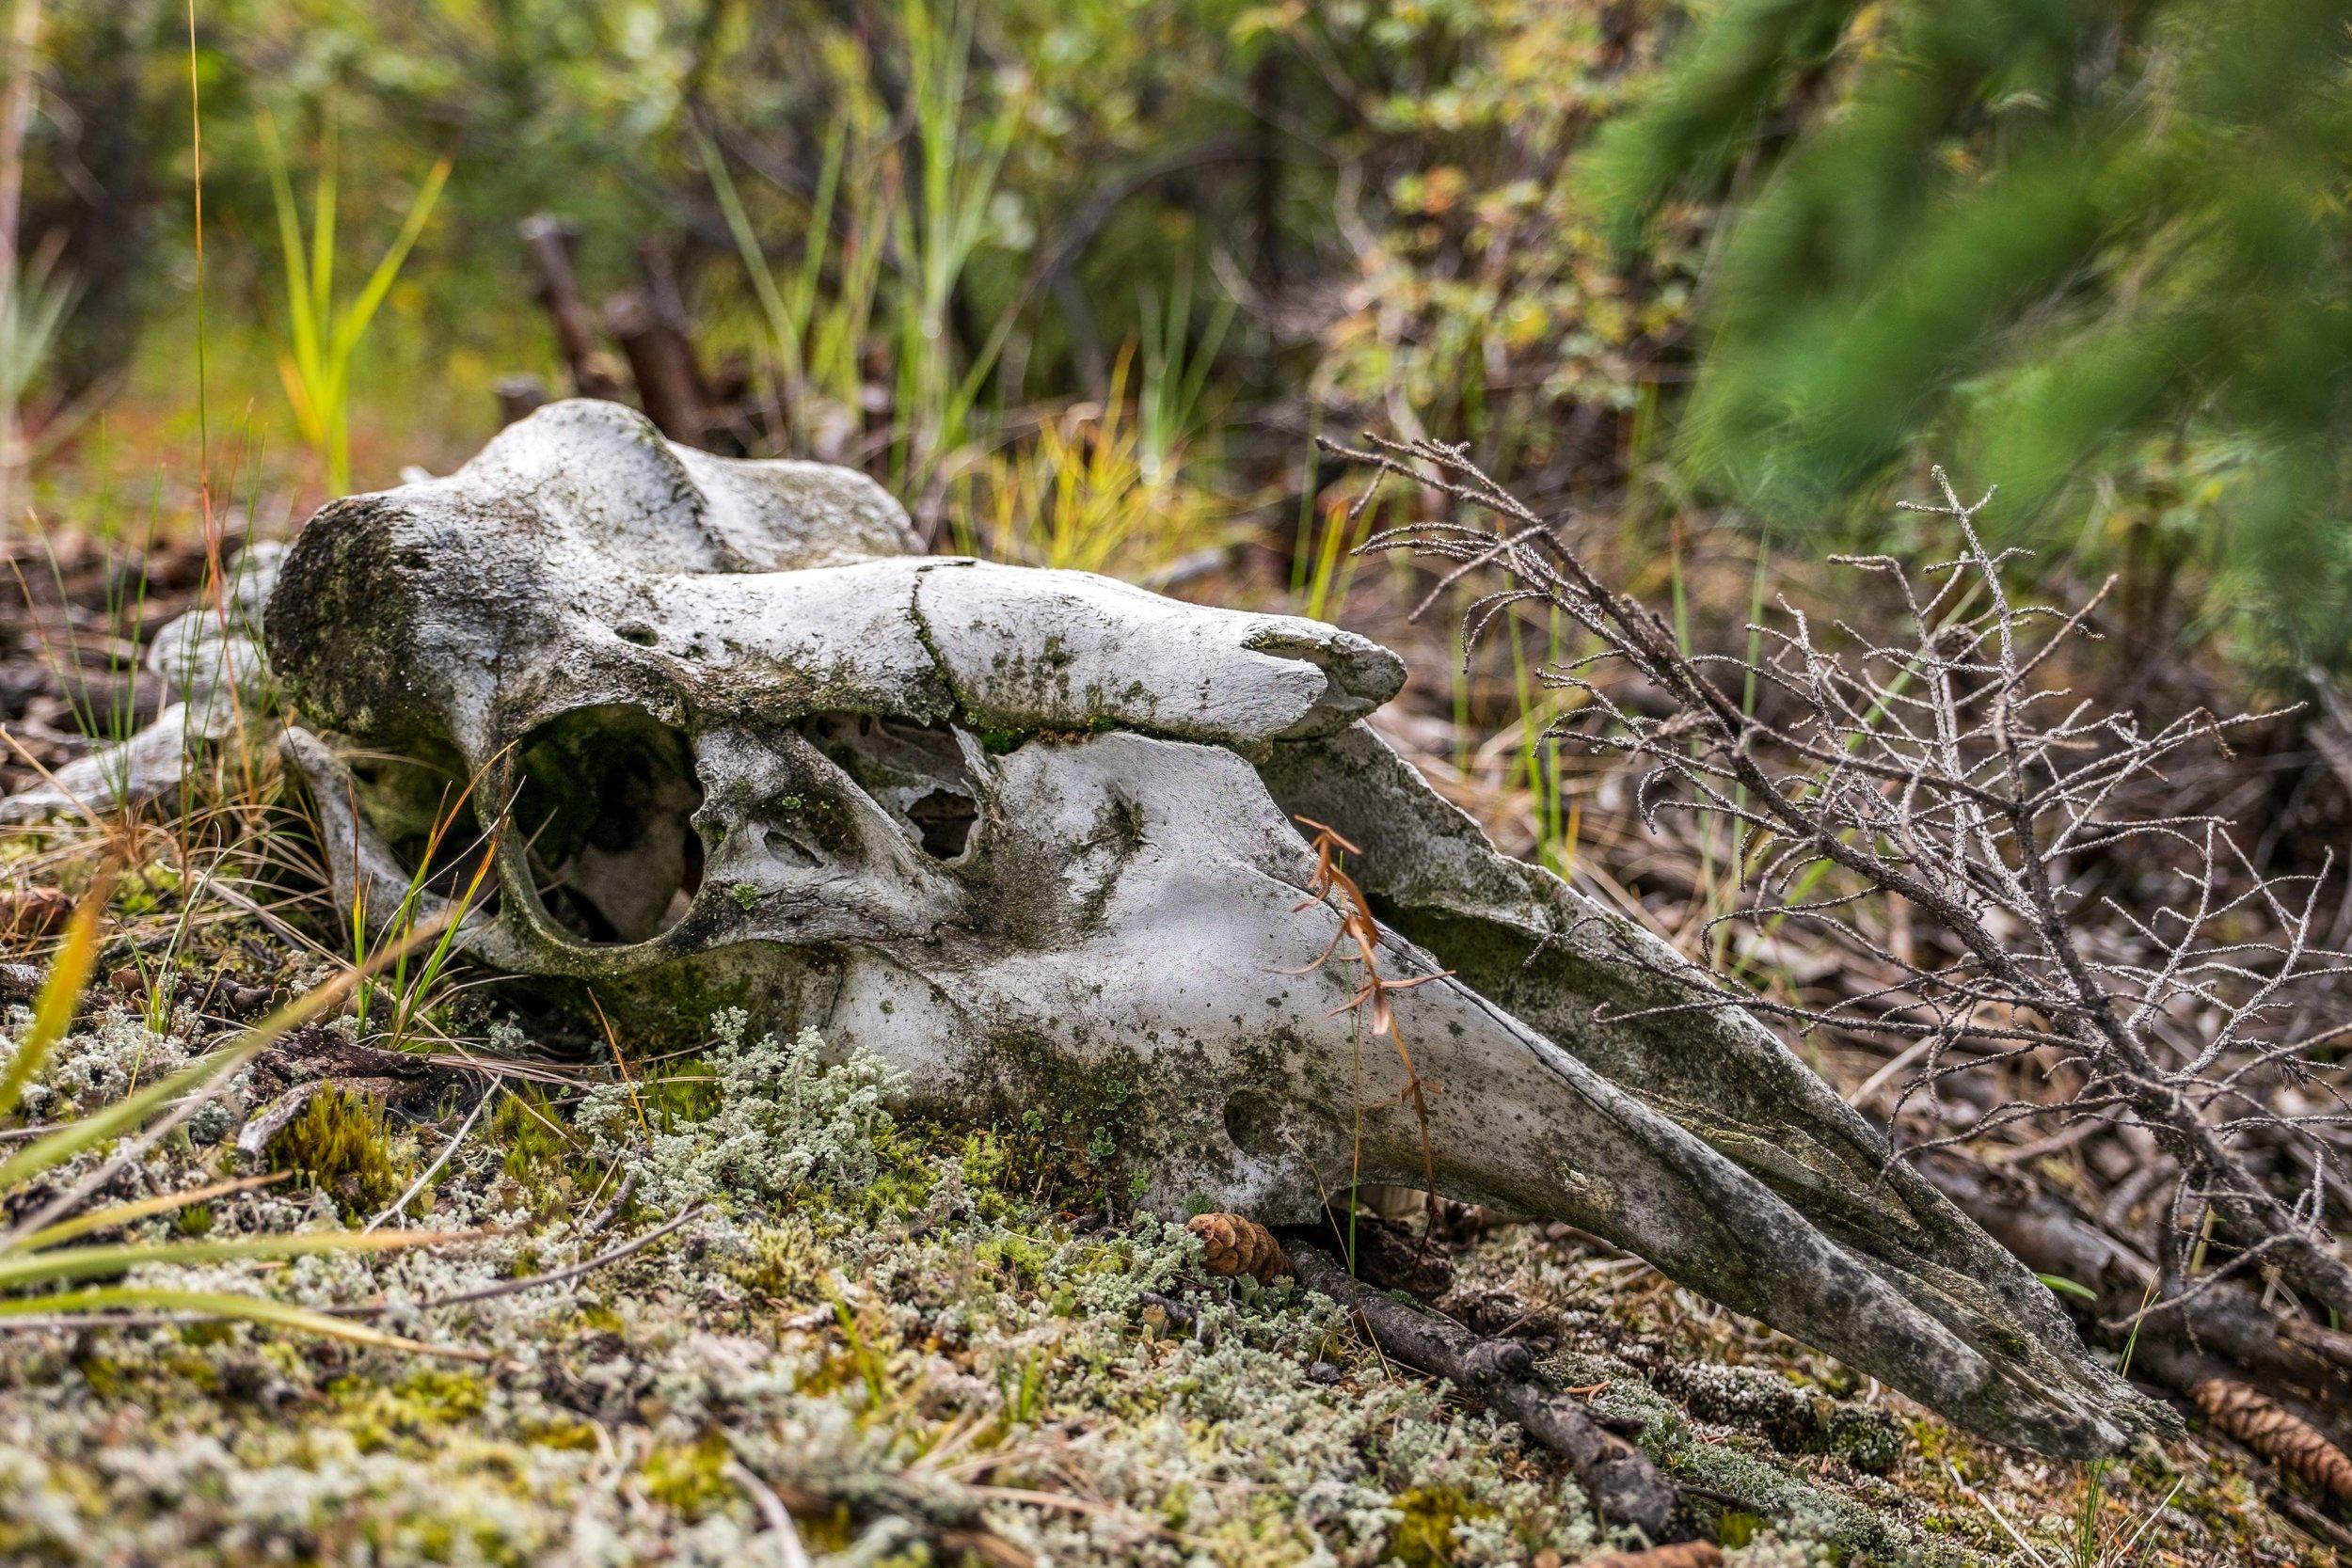 We also found some dead animals.